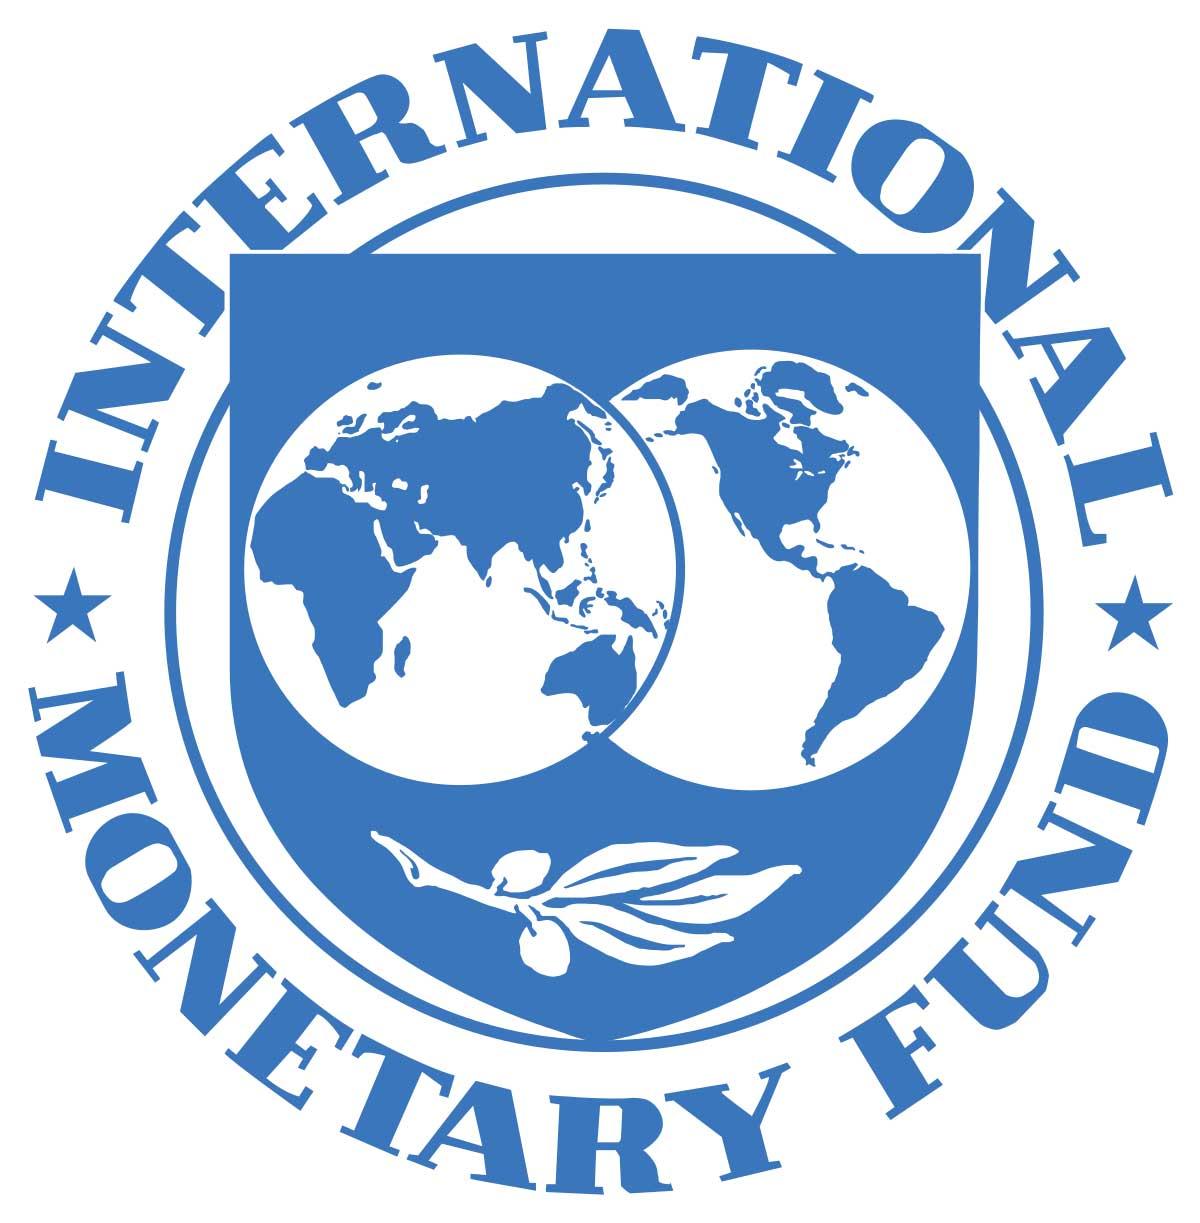 ММФ: Отпорност финансијског сектора се побољшала